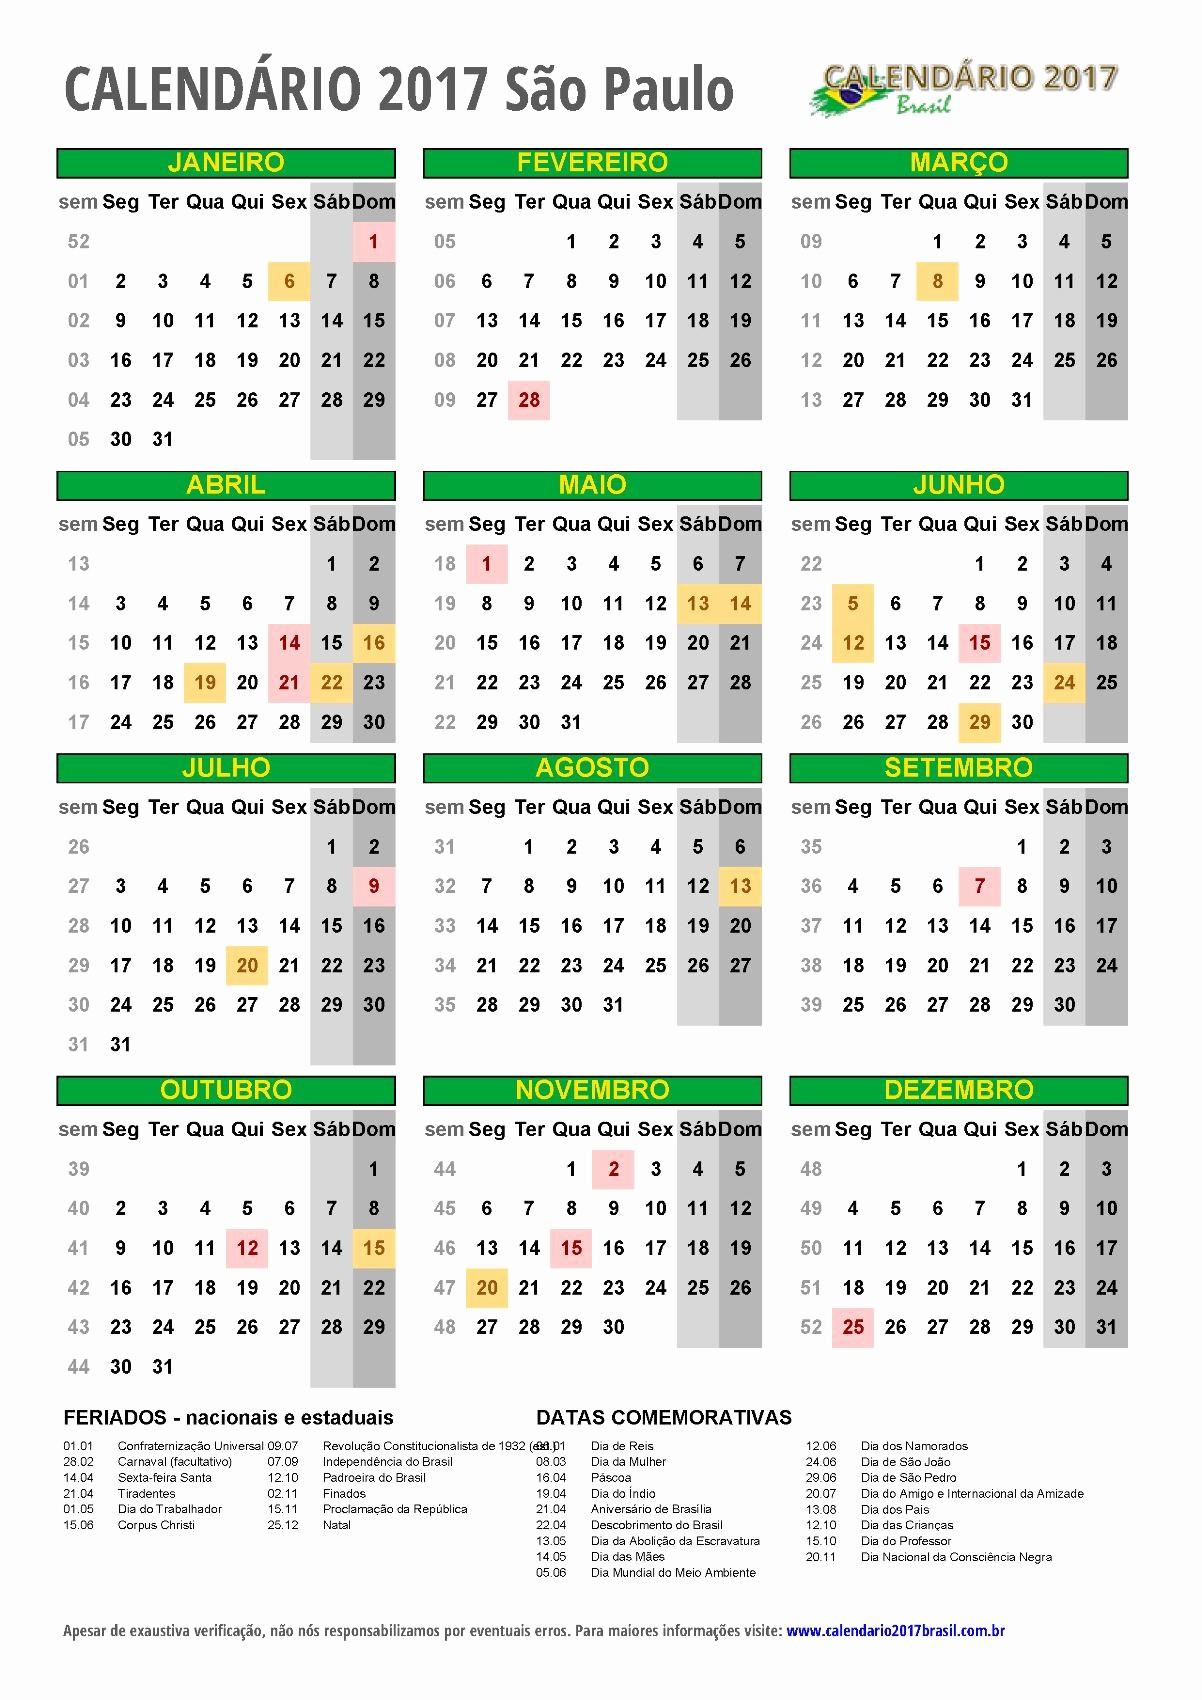 Calendario Anual 2017 Para Imprimir Awesome CalendÁrio 2017 Para Imprimir Feriados